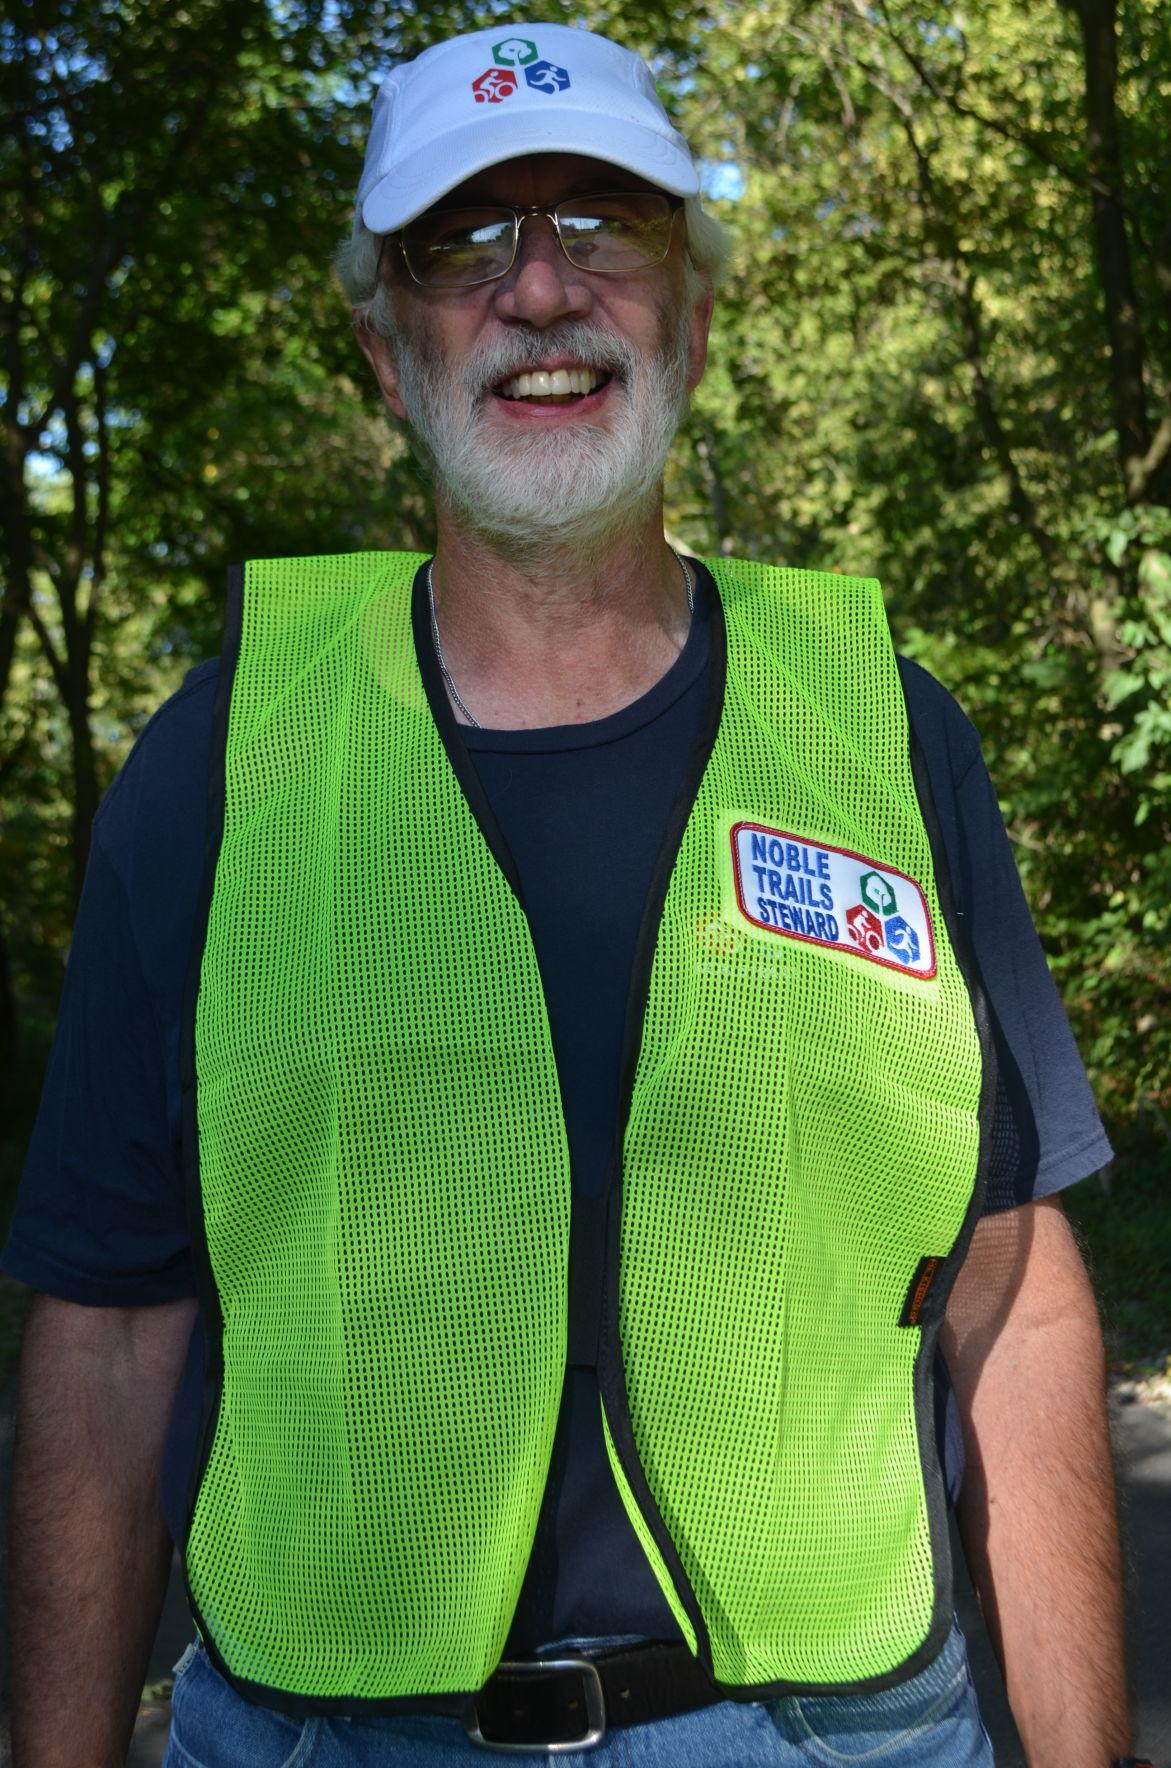 Safety vests for stewards